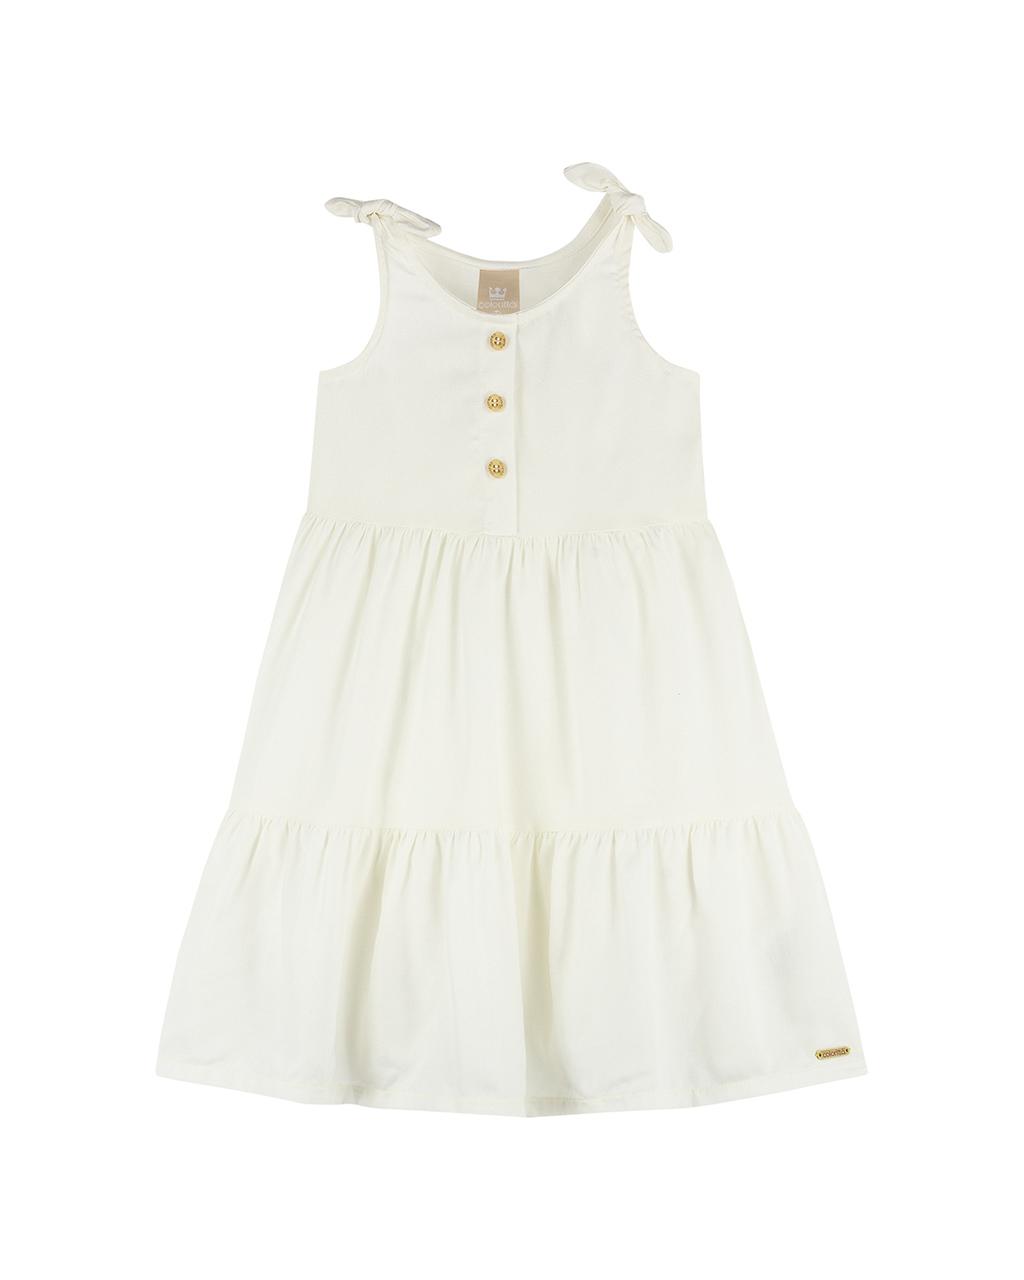 Vestido Infantil Off White Detalhe Lacinho na Alça e Três Botões na Frente Colorittá